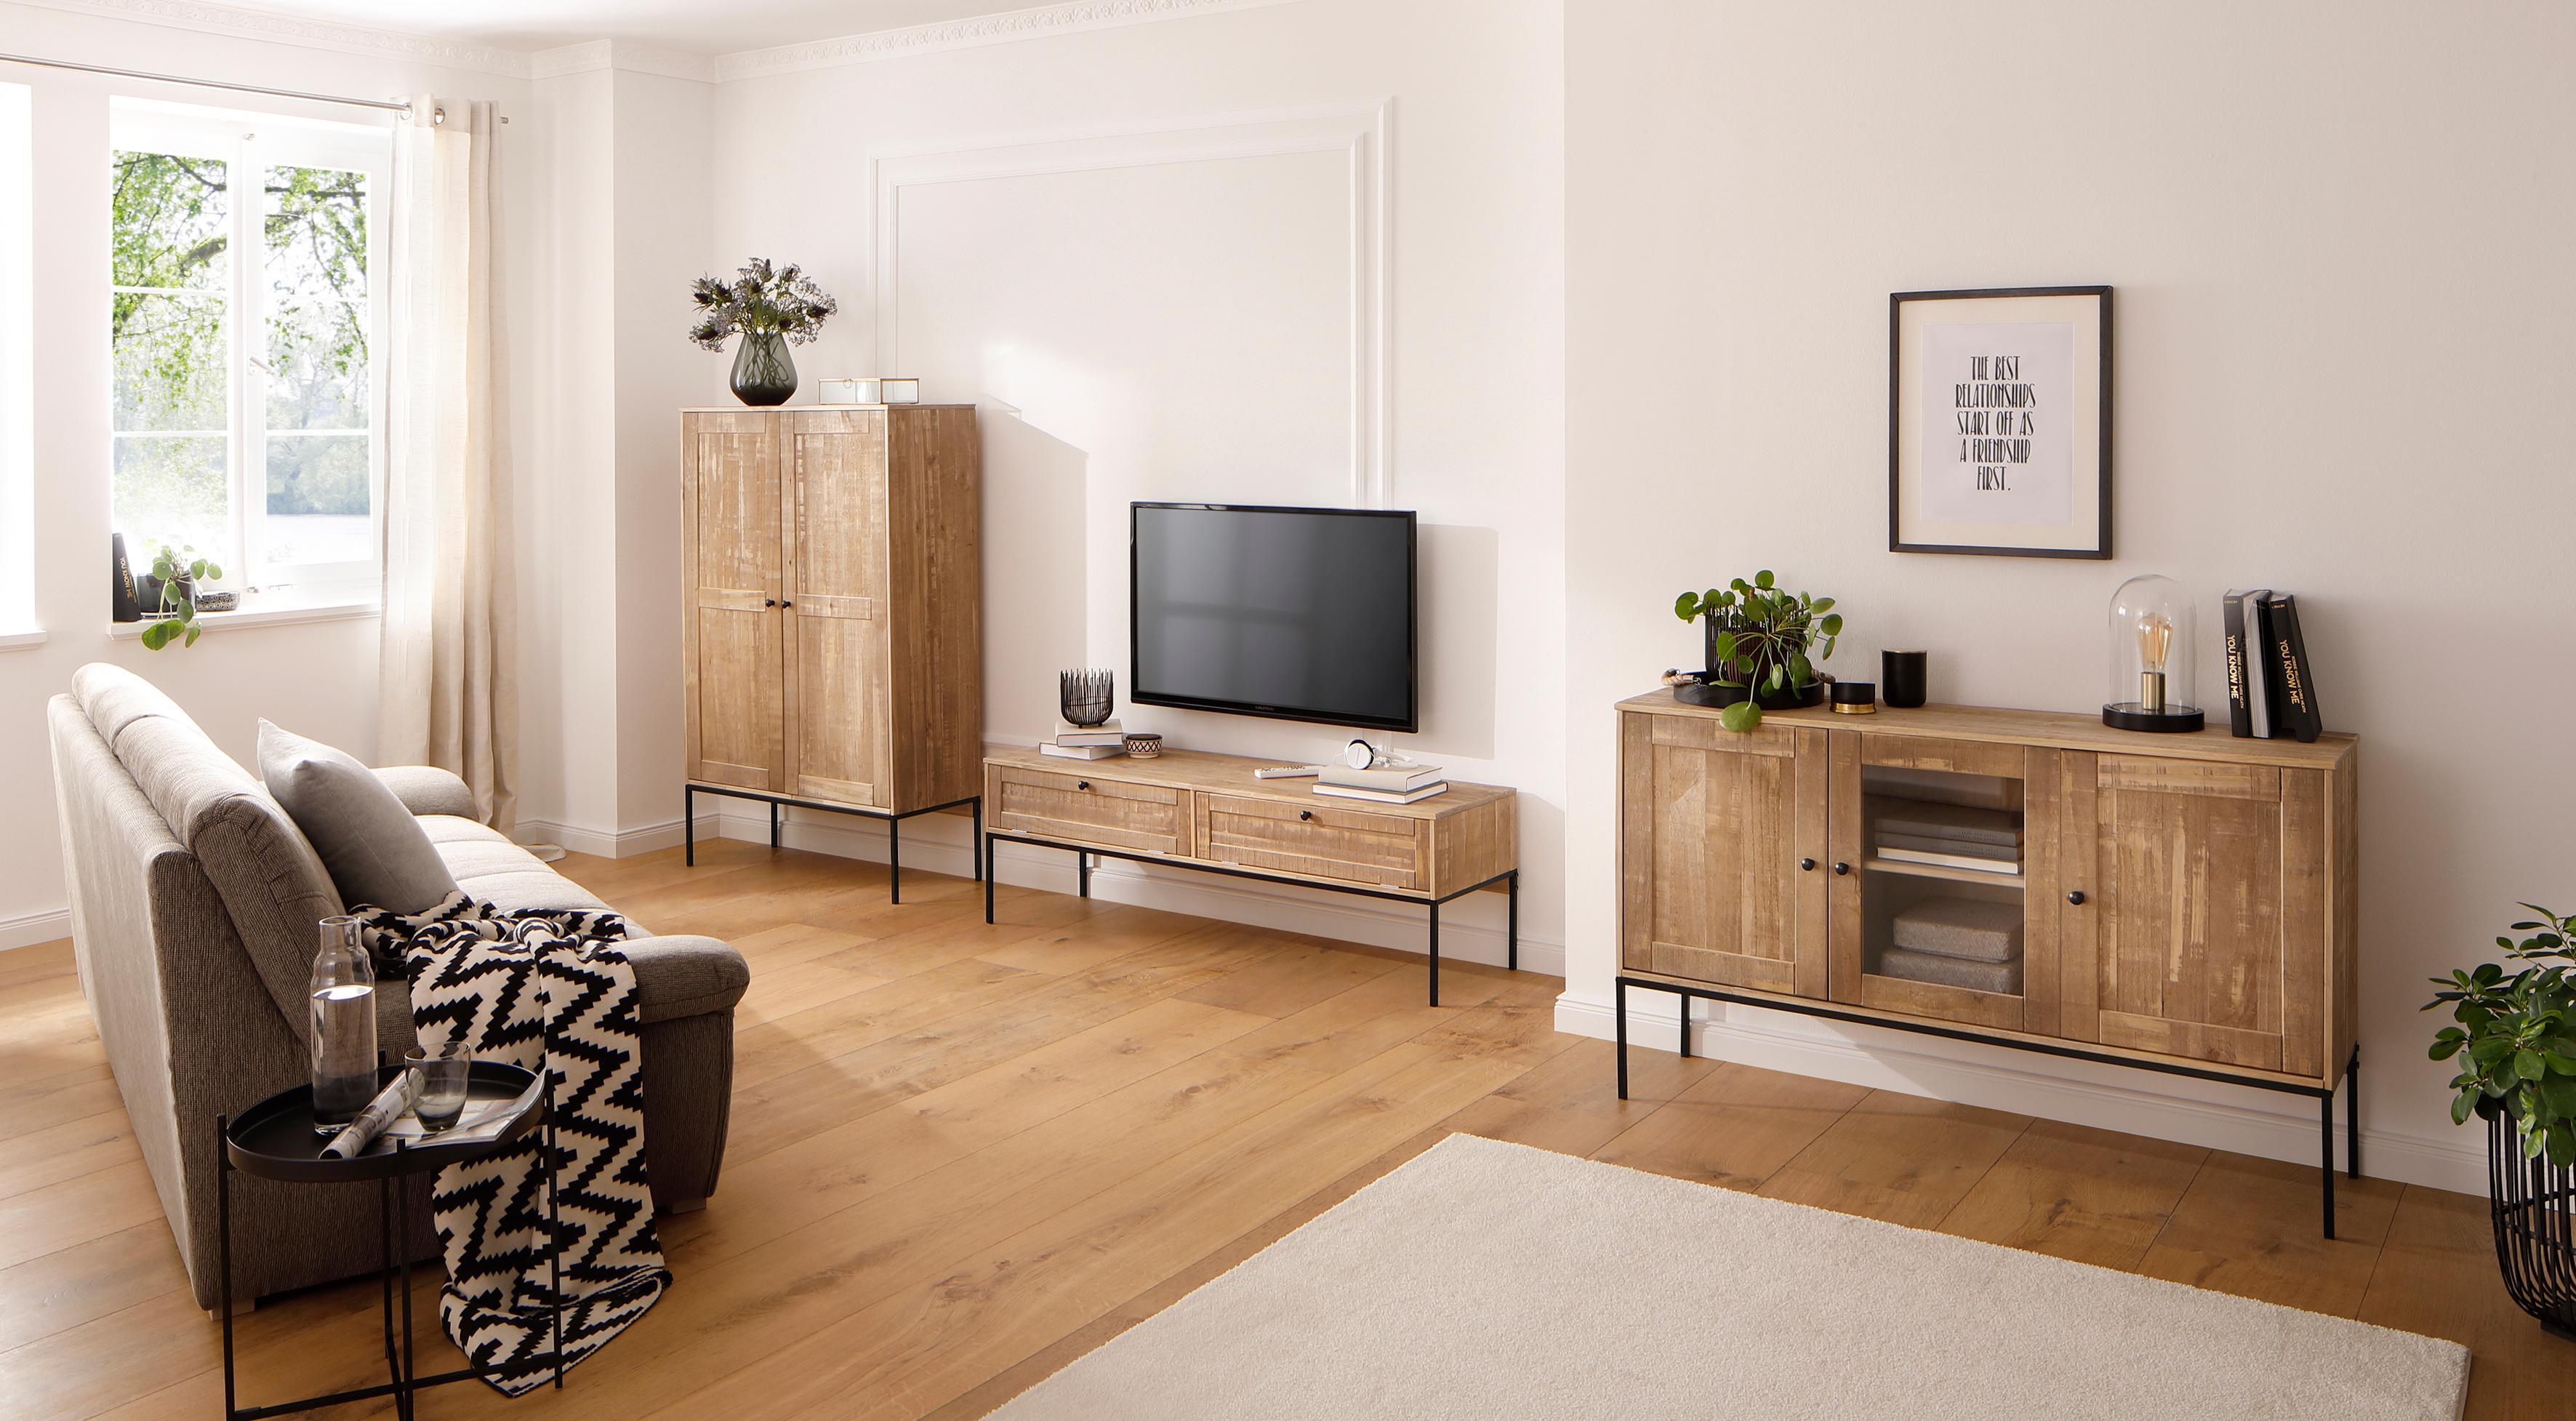 Gut Home Affaire Glasvitrine »Freya« Mit 2 Holztüren Und Quadratische  Röhrenbeine, In Zwei Verschiedenen Farben